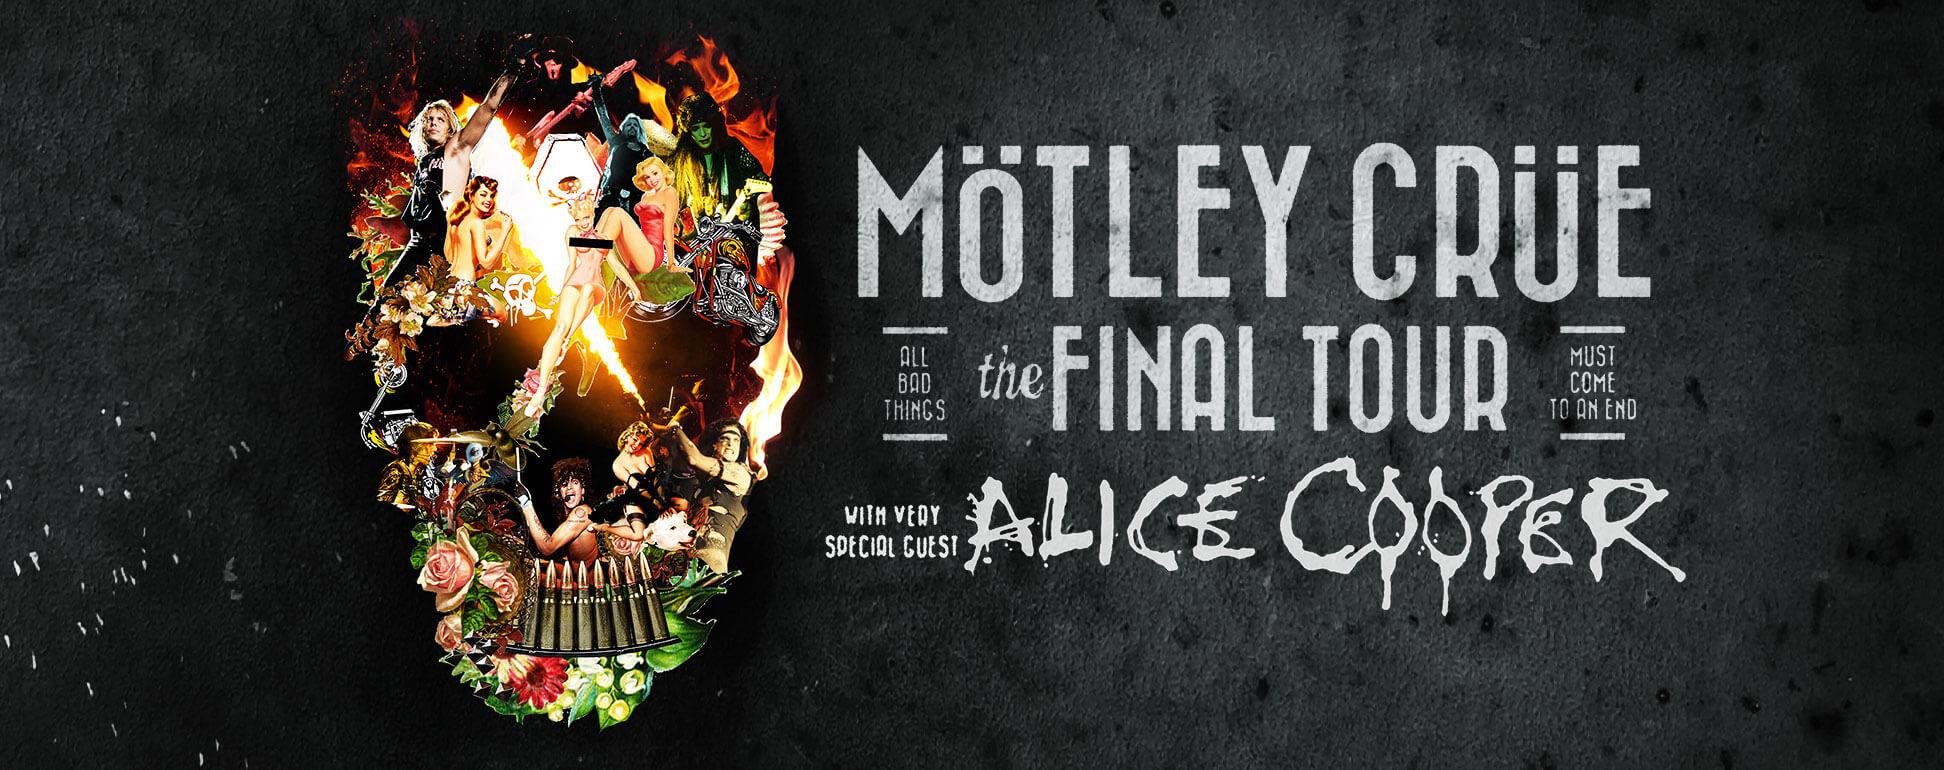 december 4 2015 motley crue buy tickets more info